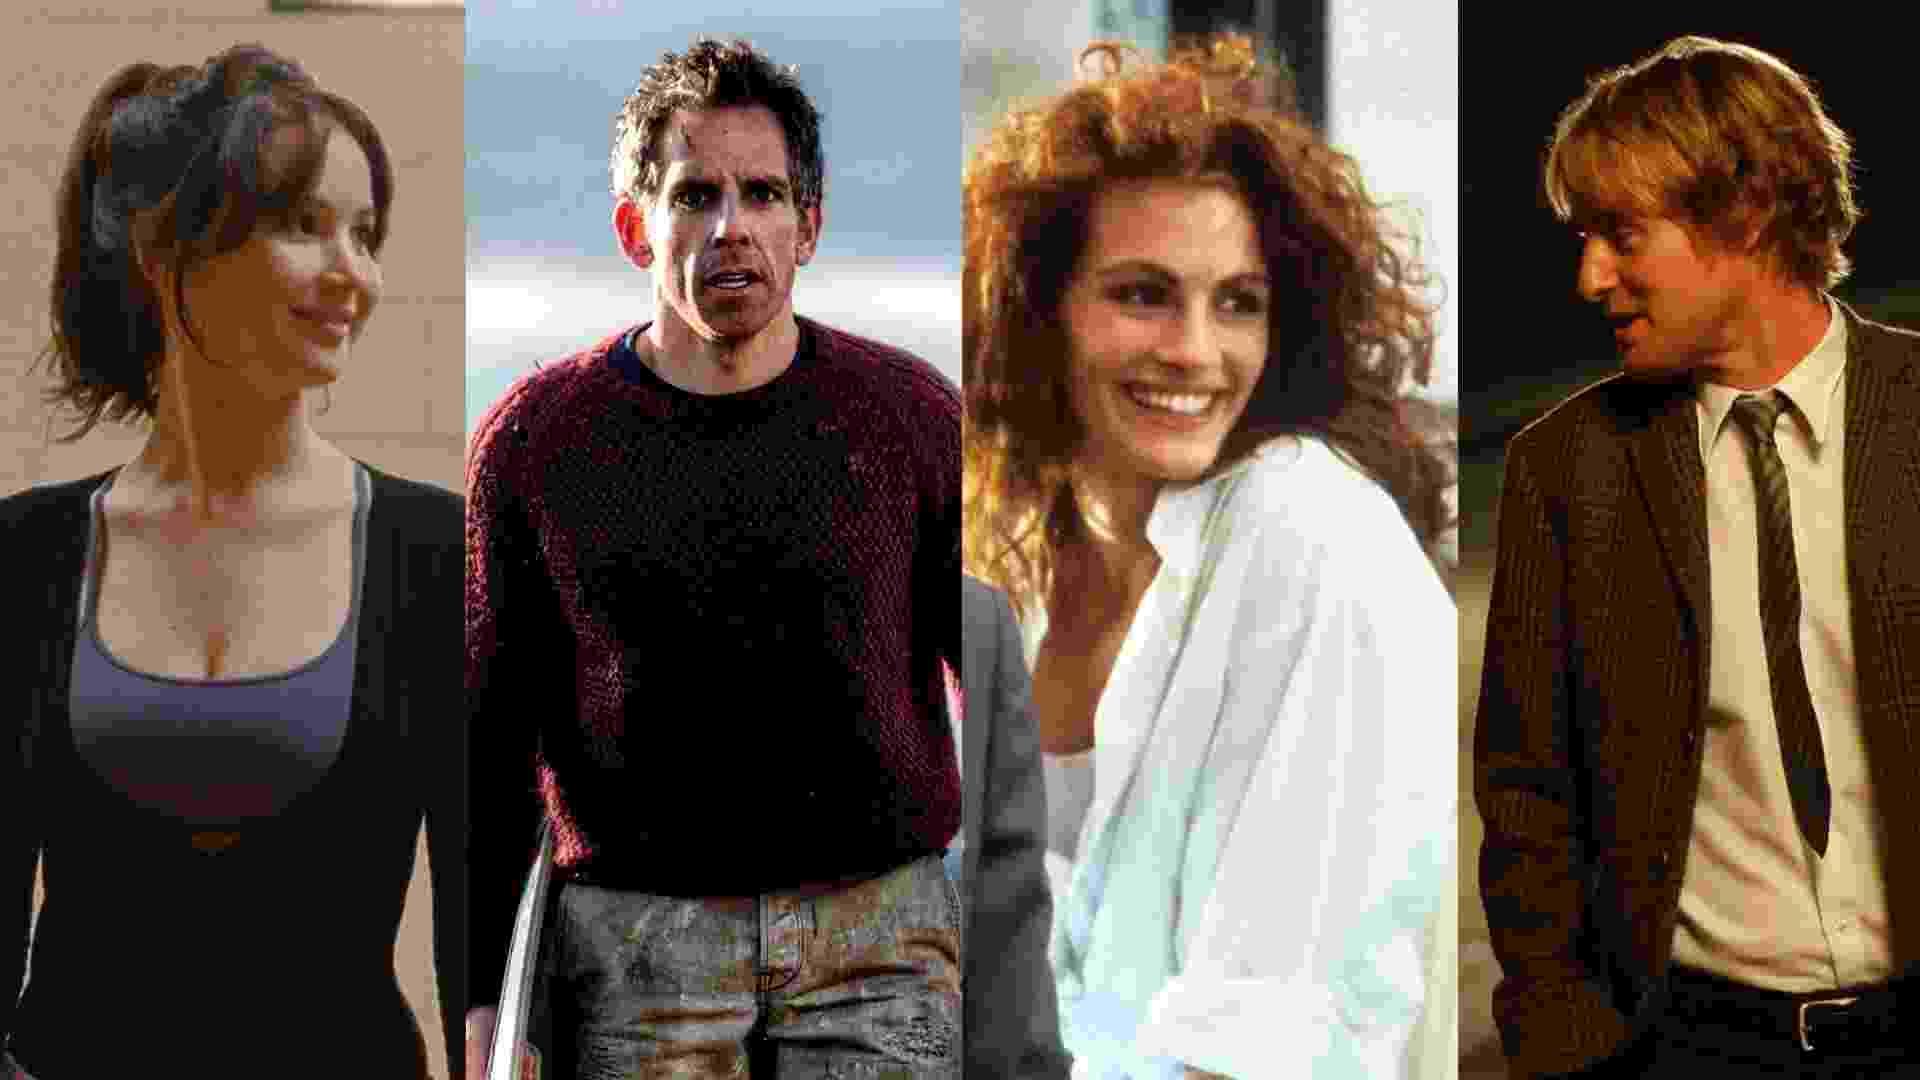 """Cenas dos filmes """"O Lado Bom da Vida"""" (2012), de David O. Russell, """"A Vida Secreta de Walter Mitty"""" (2013), """"Uma Linda Mulher"""" (1990), """"Meia-Noite em Paris"""" (2011) - Reprodução/Montagem"""